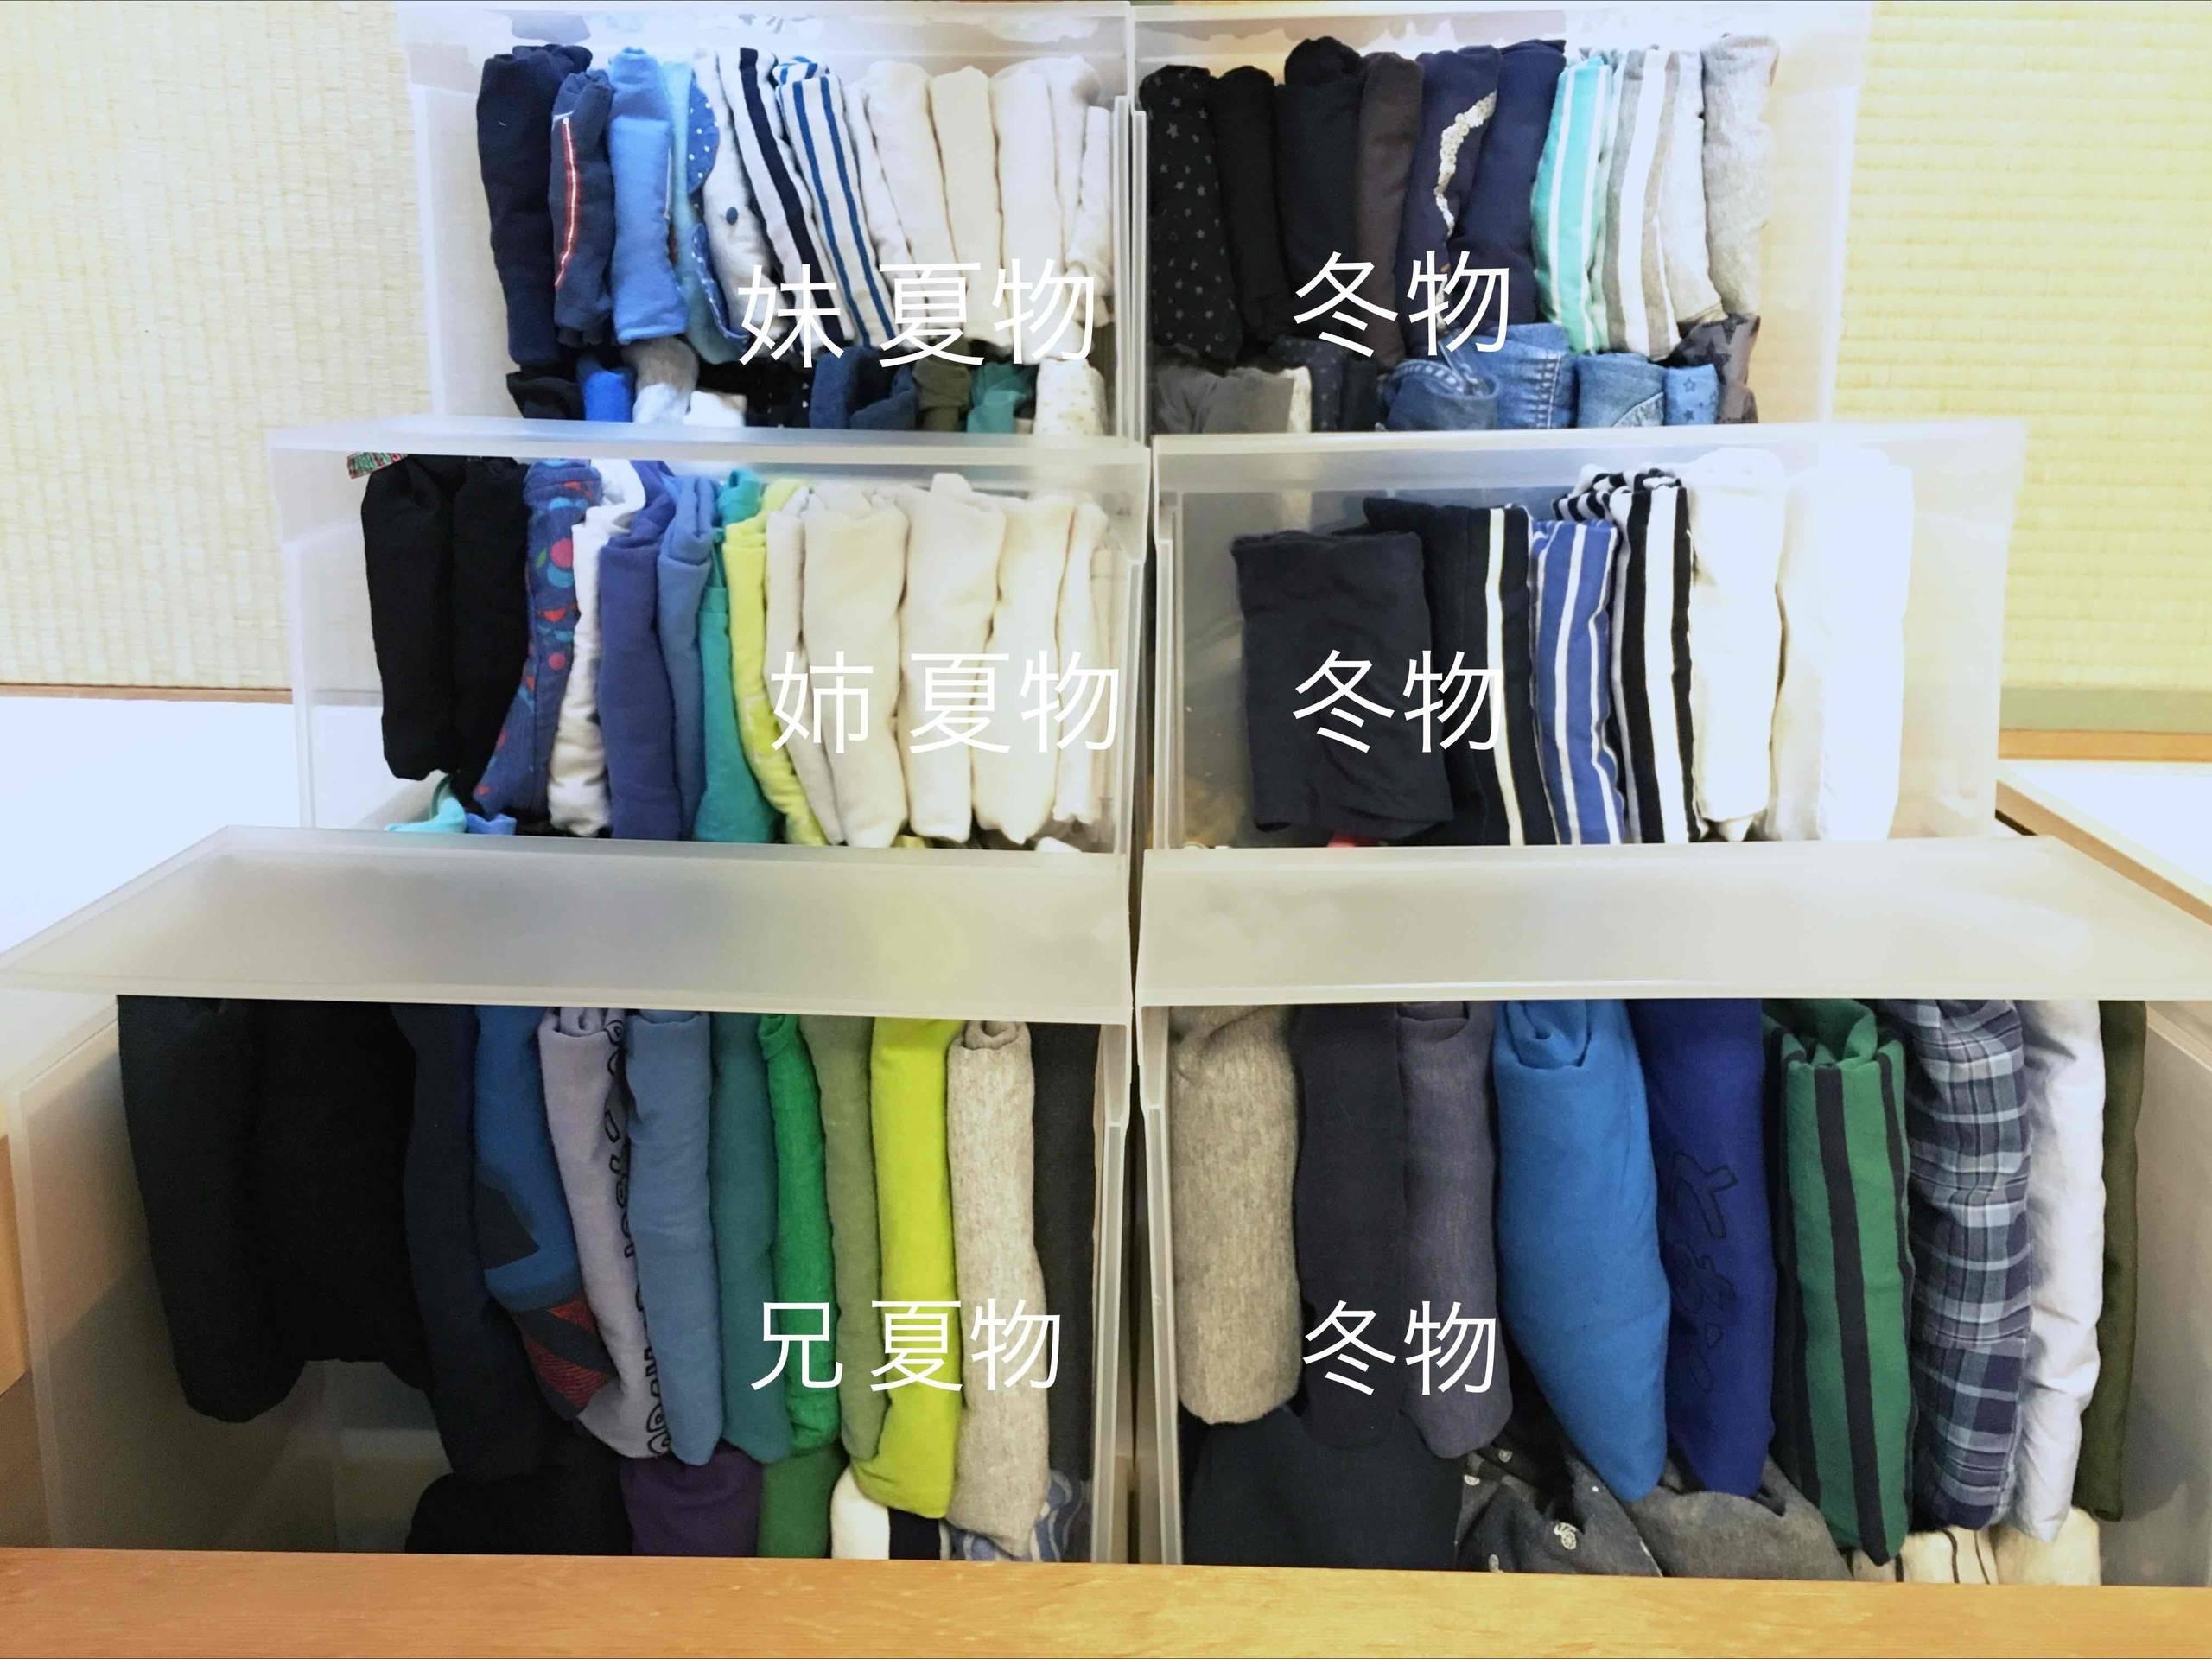 10月記事家族の洋服管理も簡単:衣替えいらずの整理収納